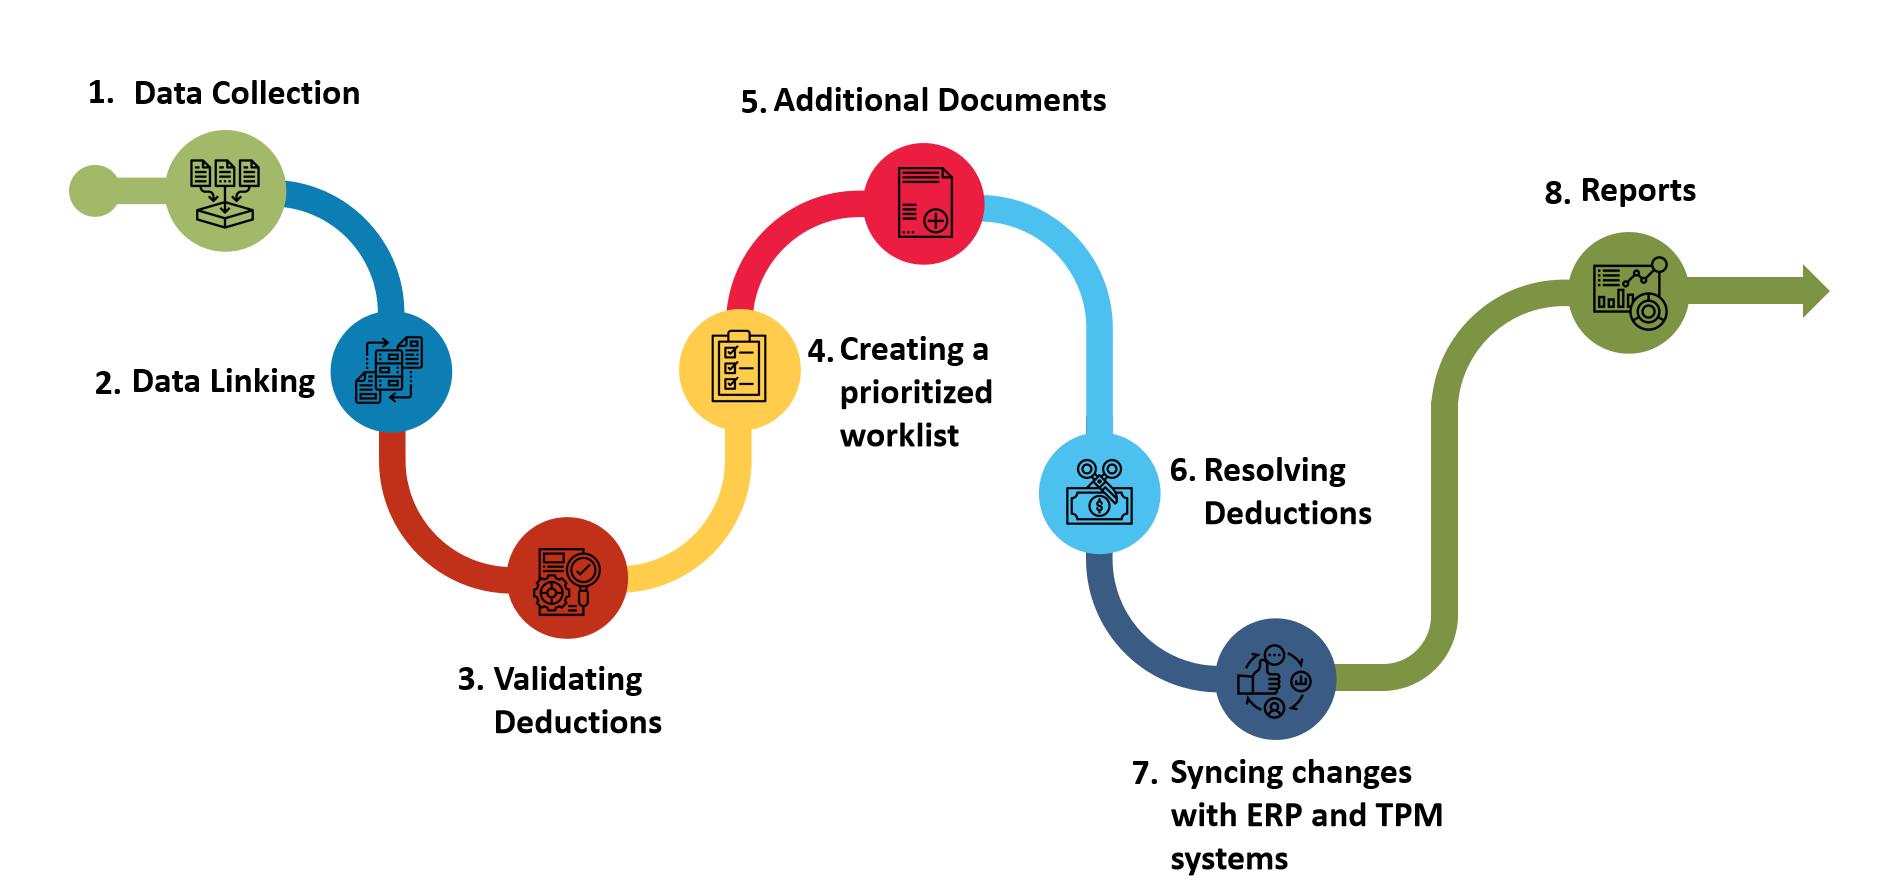 Automated deductions management process flowchart